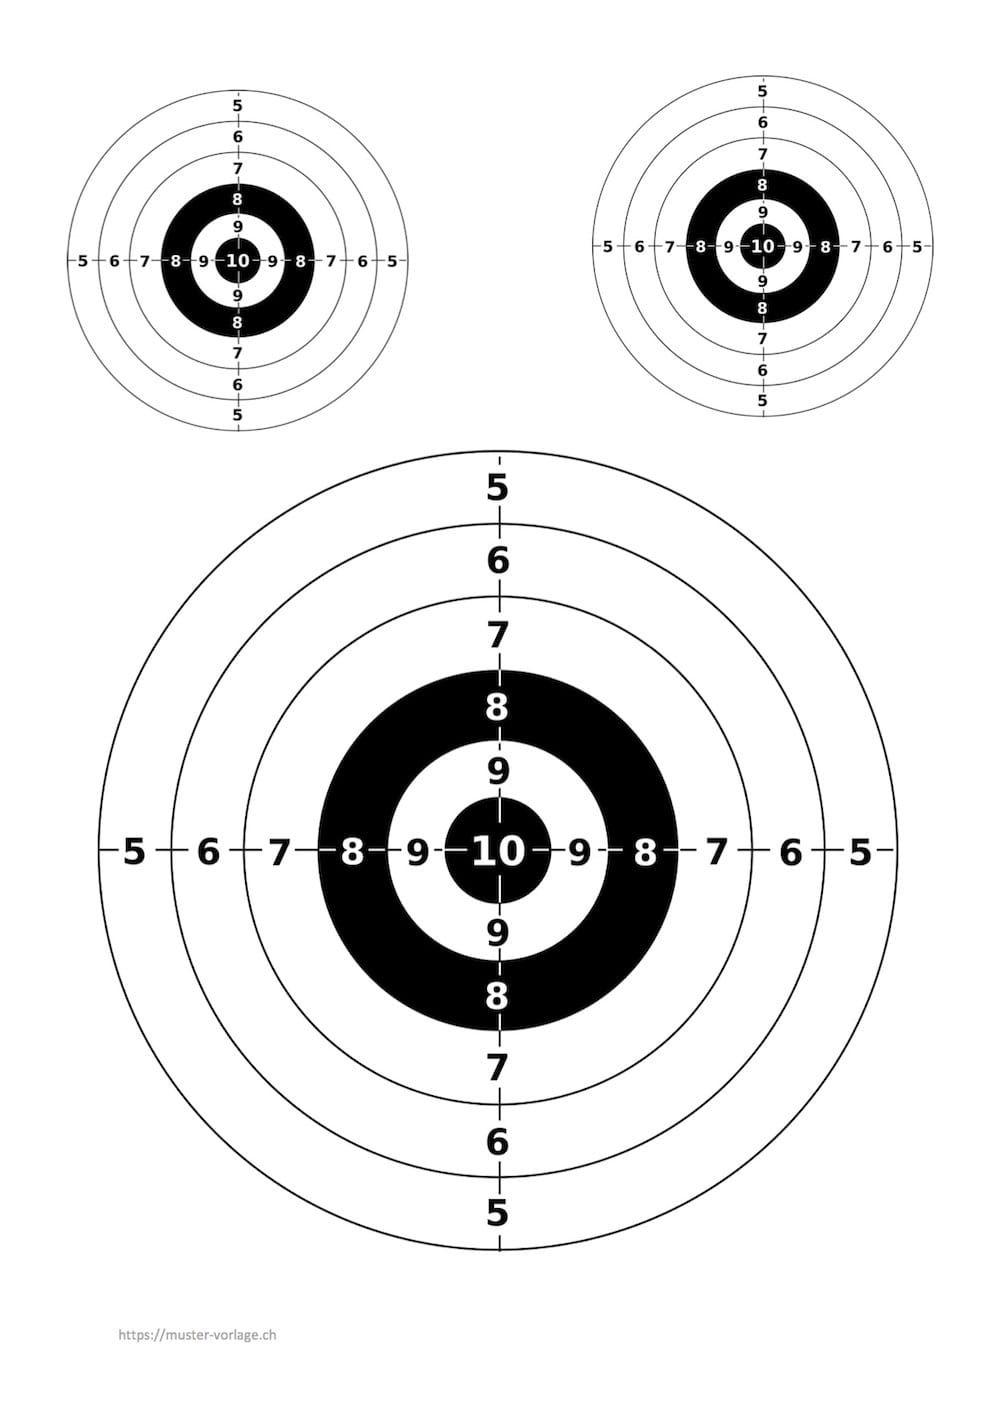 Vorlage Zielscheiben Zum Ausdrucken Zielscheibe Ausdrucken Scheibe